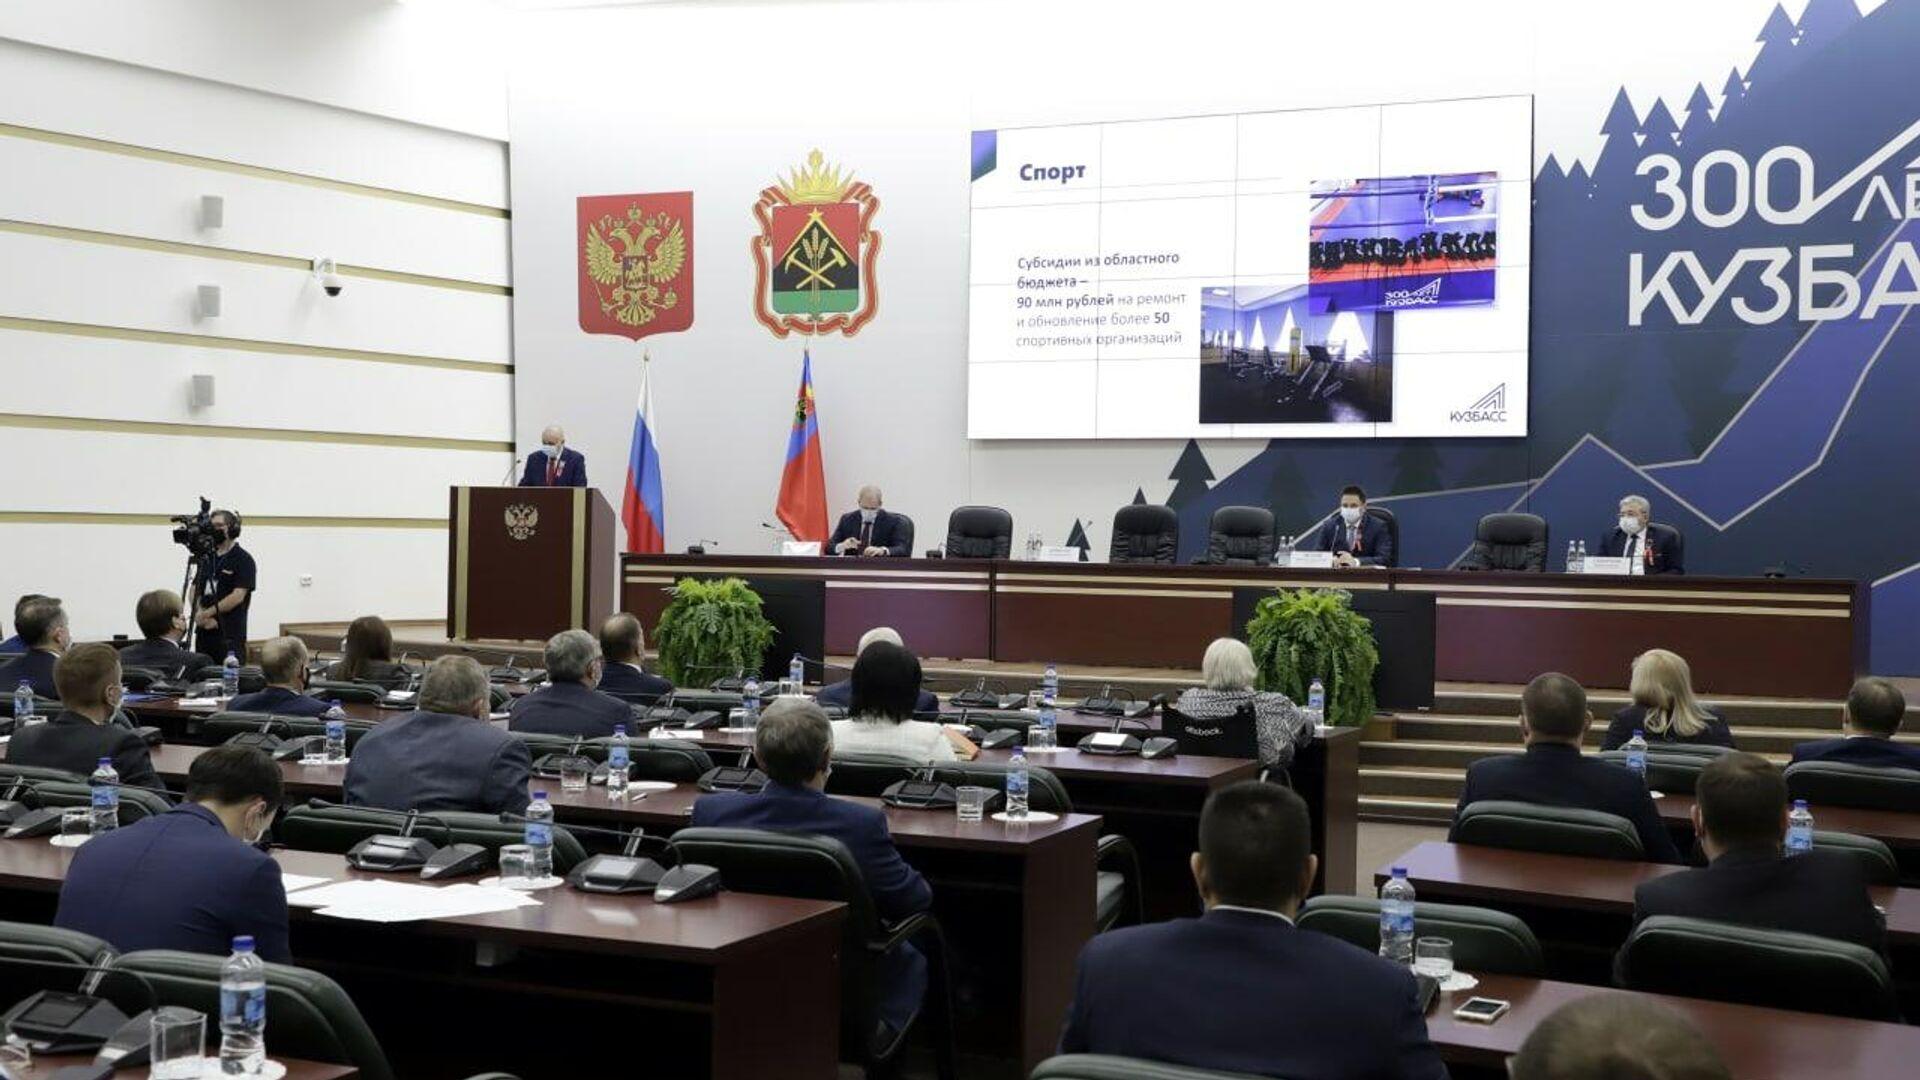 Парламент Кузбасса провел форум по законодательной стратегии на 2021 год